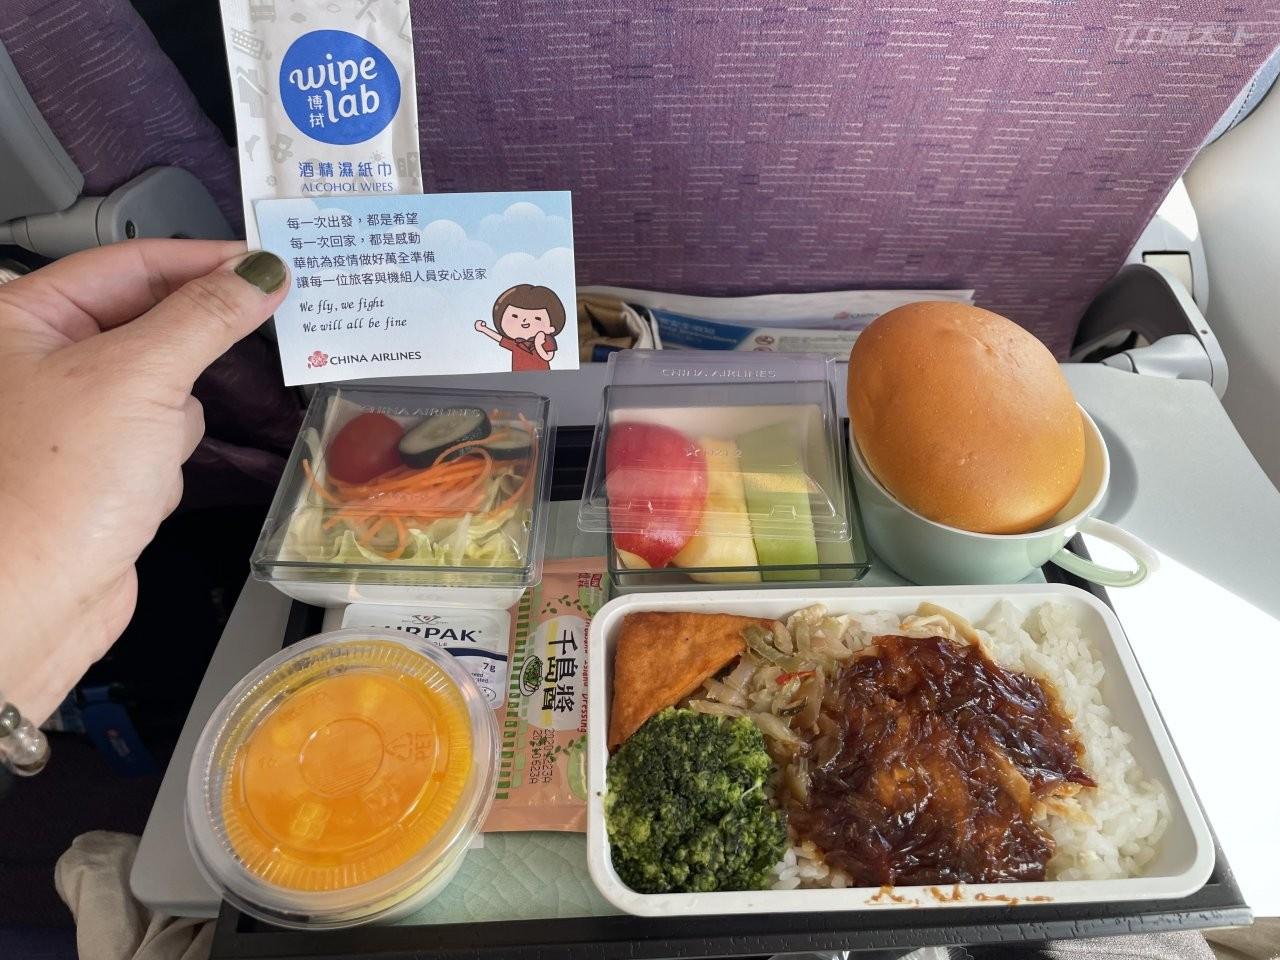 ▲華航飛機提供熱餐食,與之前不同的是,附加了消毒酒精棉與防疫提醒字卡。